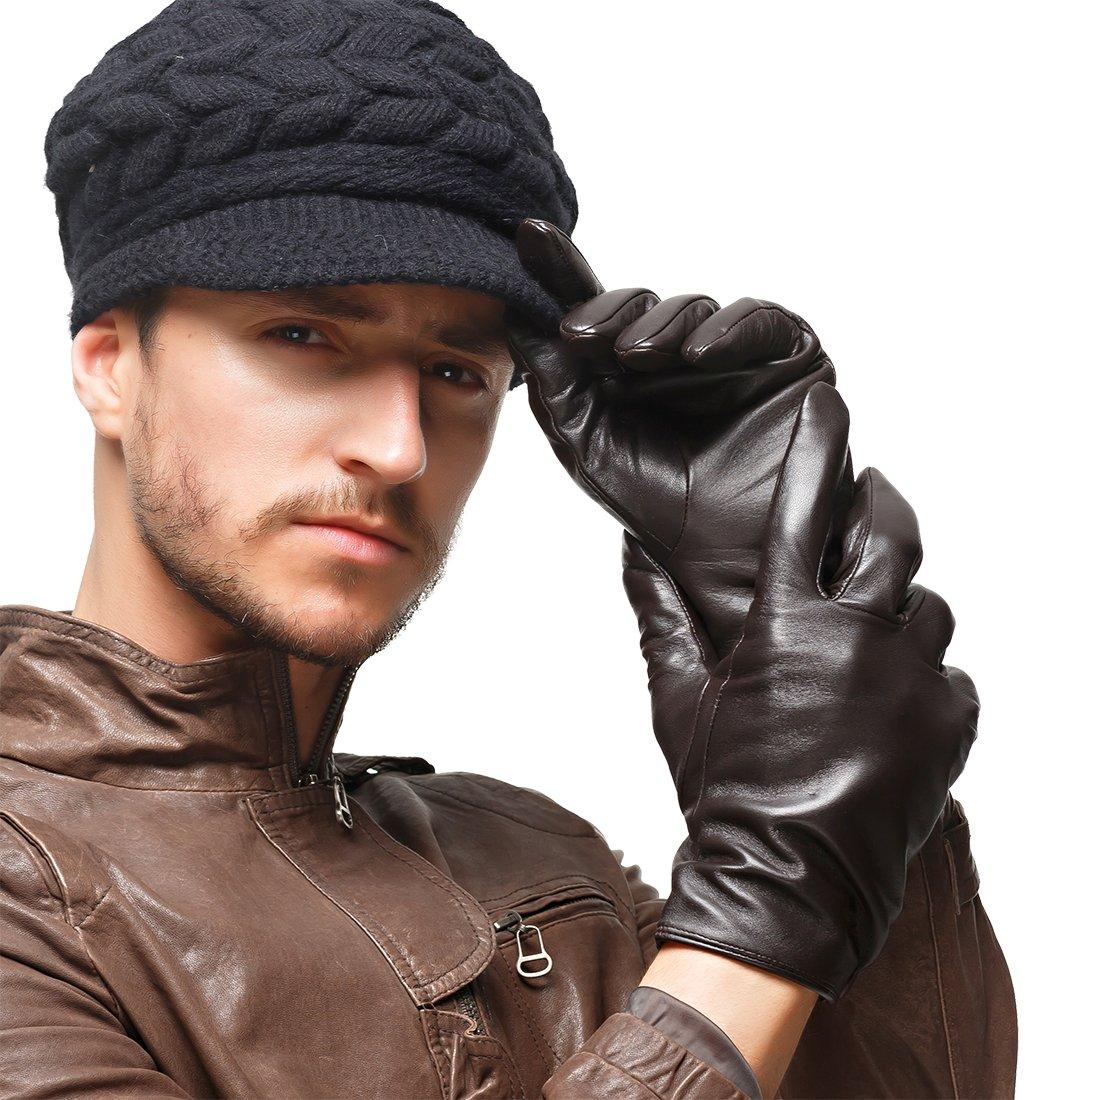 Nappaglo Herren klassische Lammfell Leder Handschuhe Touchscreen Reines Kaschmir-Futter Winter Warm Handschuhe DCE011